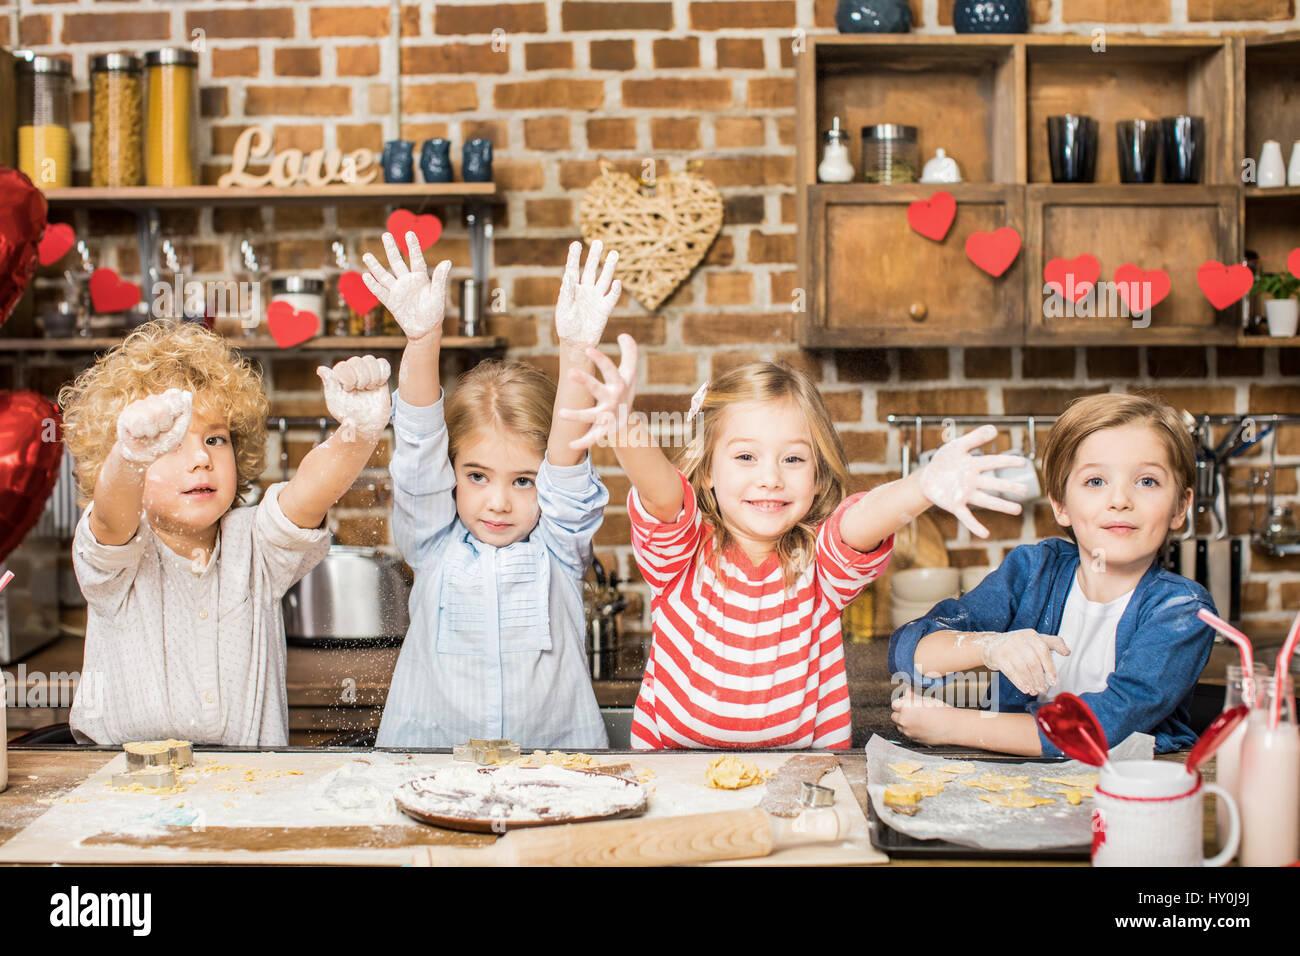 Adorable niños felices cocinando galletas y mostrando las manos en harina Imagen De Stock